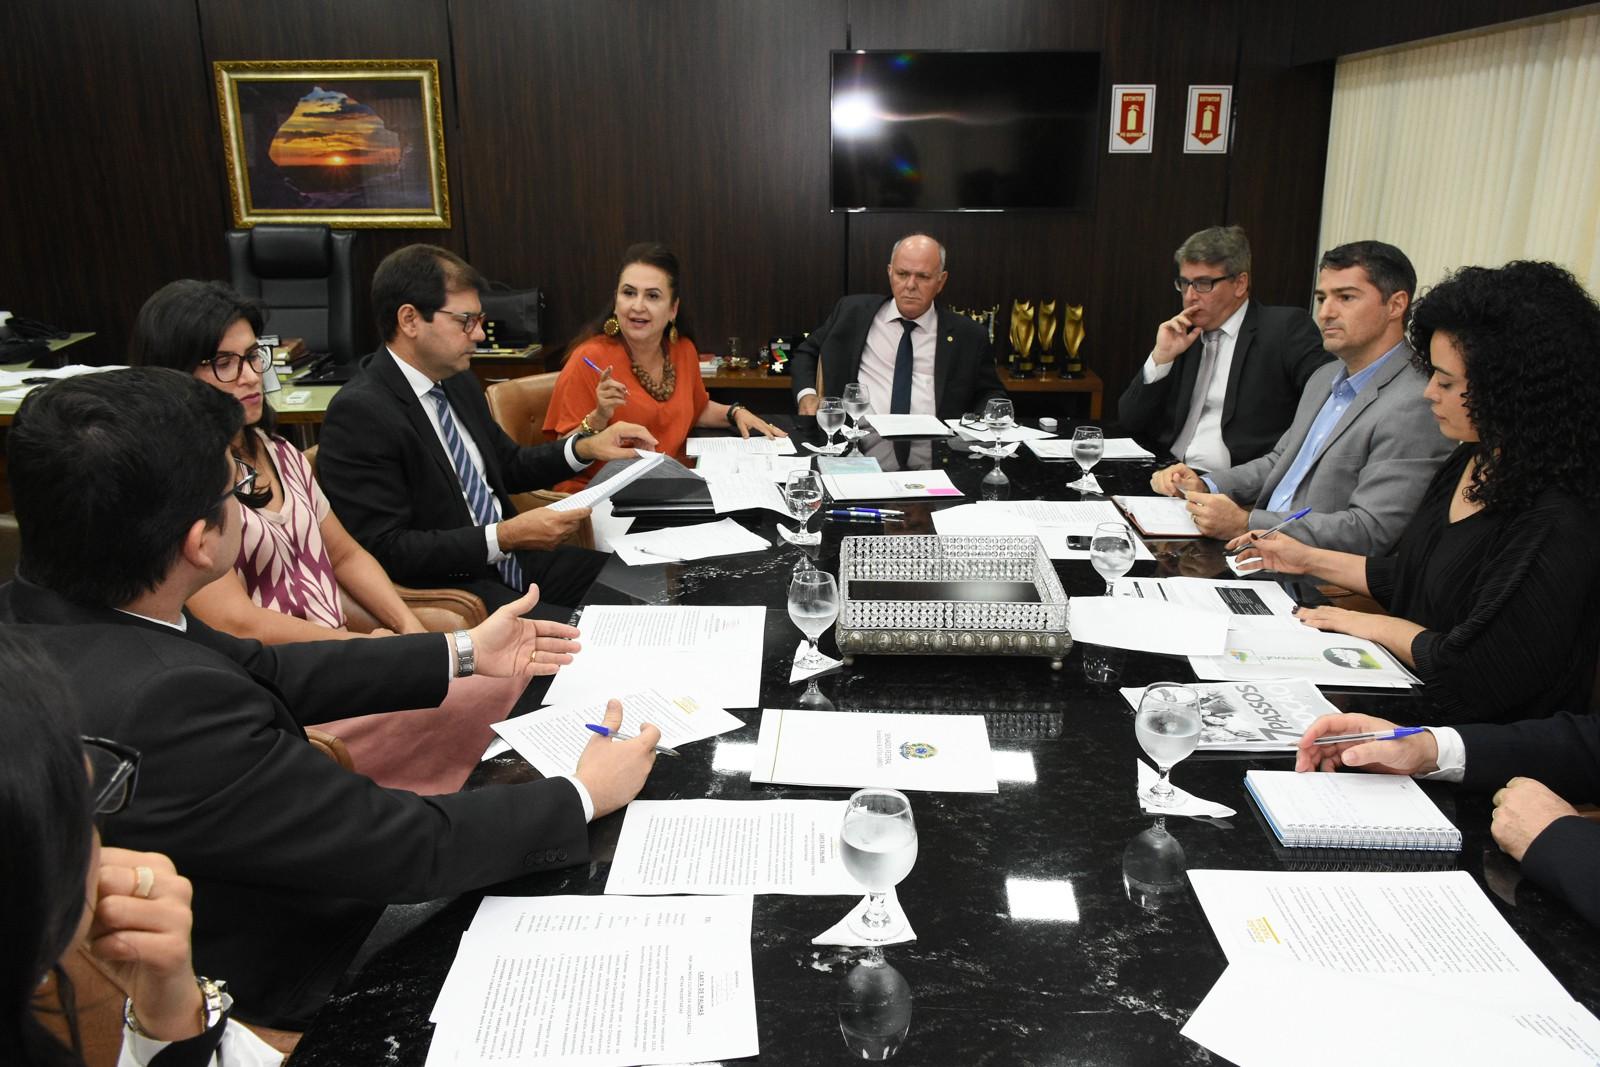 Ministério Público discute políticas de adoção tardia no Tocantins com representantes do Sistema de Justiça